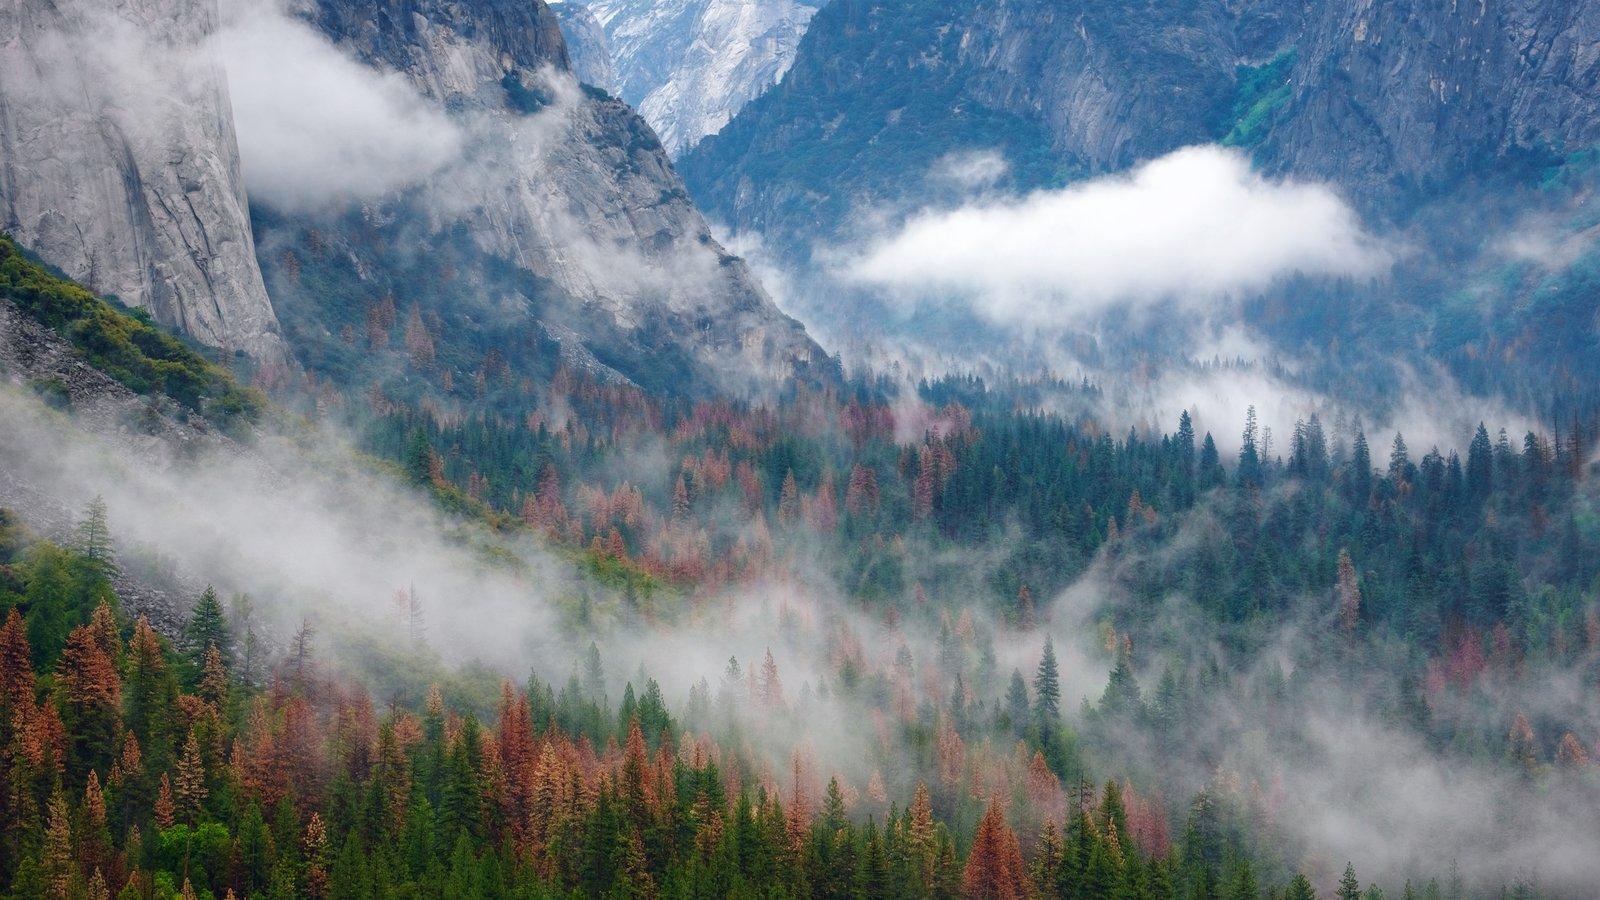 Tunnel View caracterizando neblina e cenas de floresta